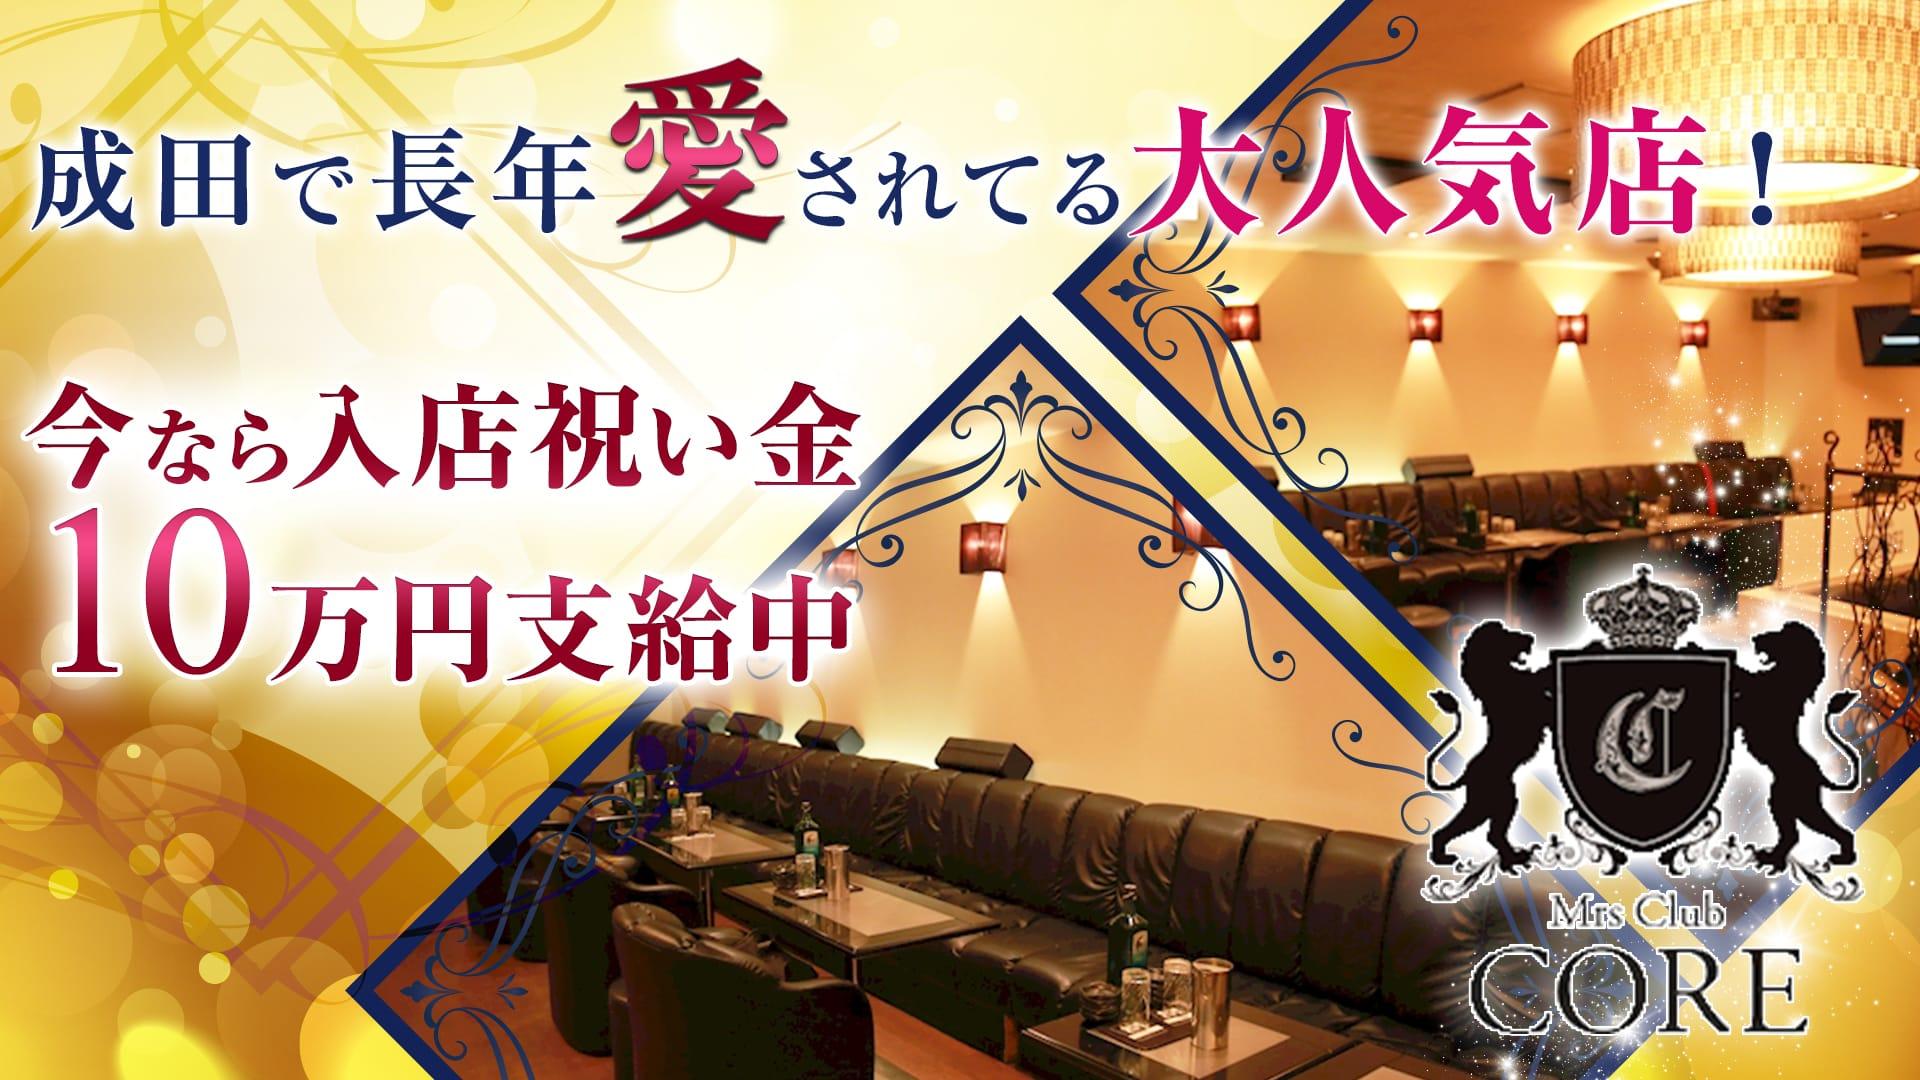 Mrs Club CORE(コア) 成田姉キャバ・半熟キャバ TOP画像